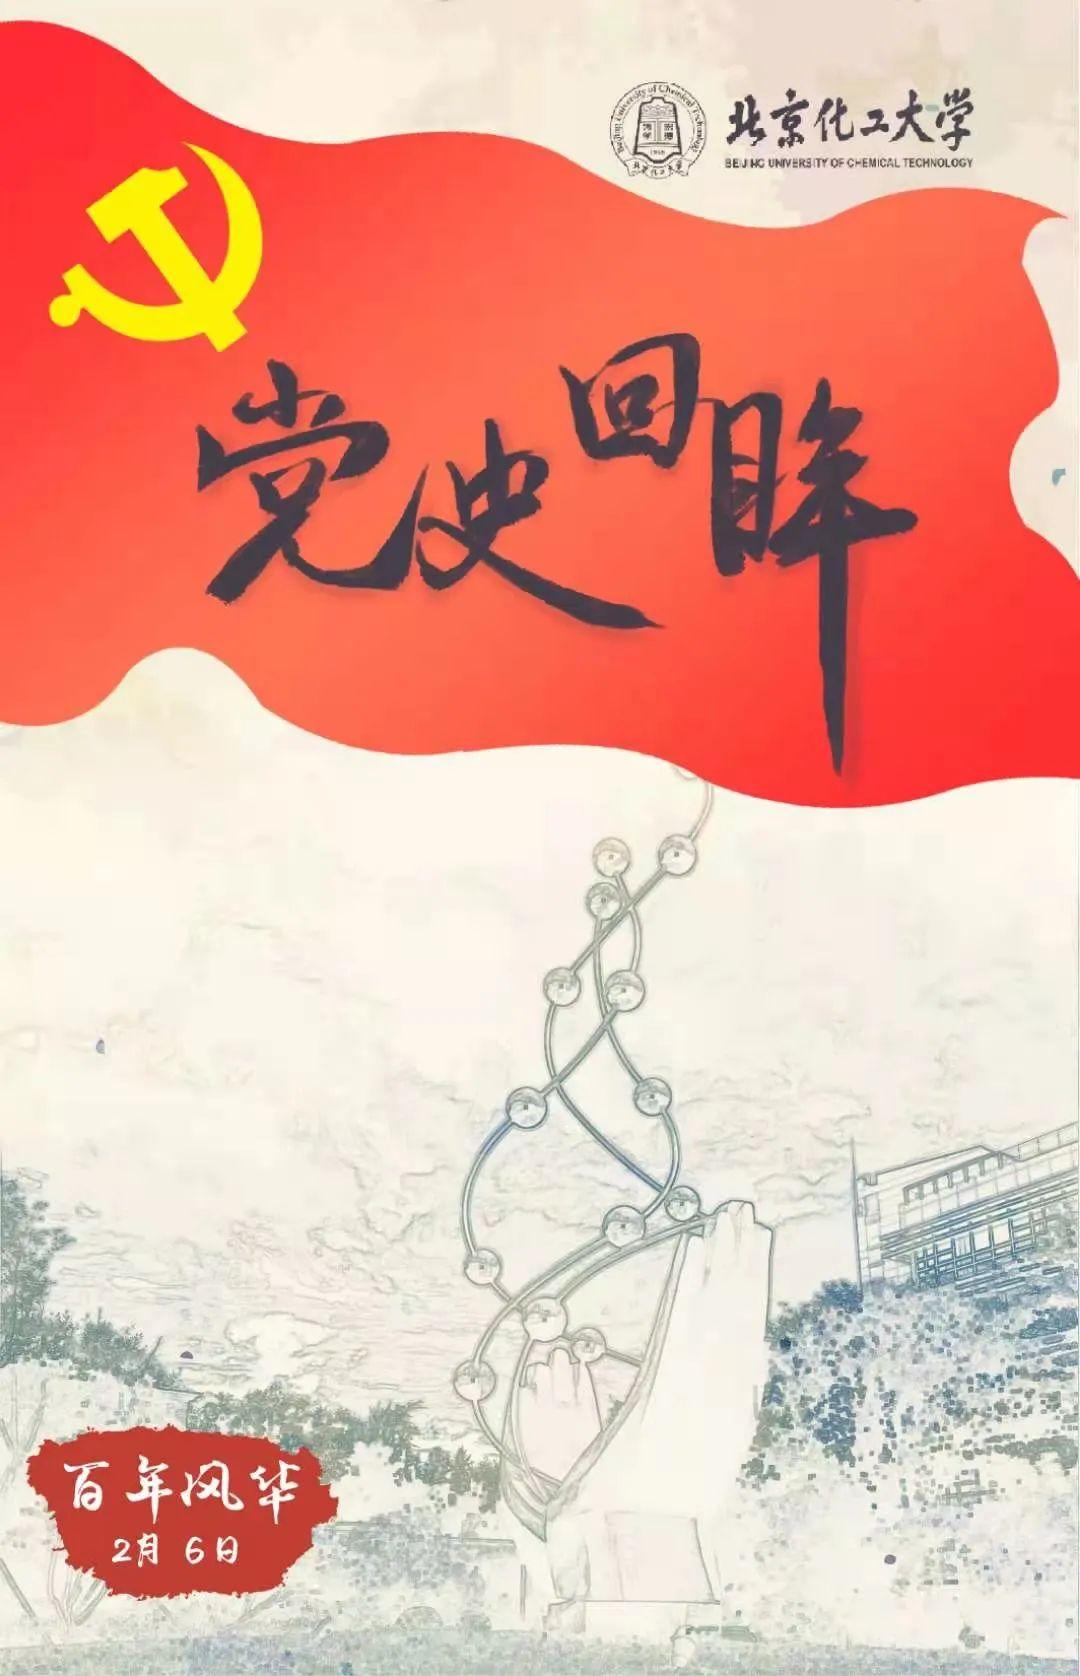 百年风华·党史回眸 | 2月6日图片